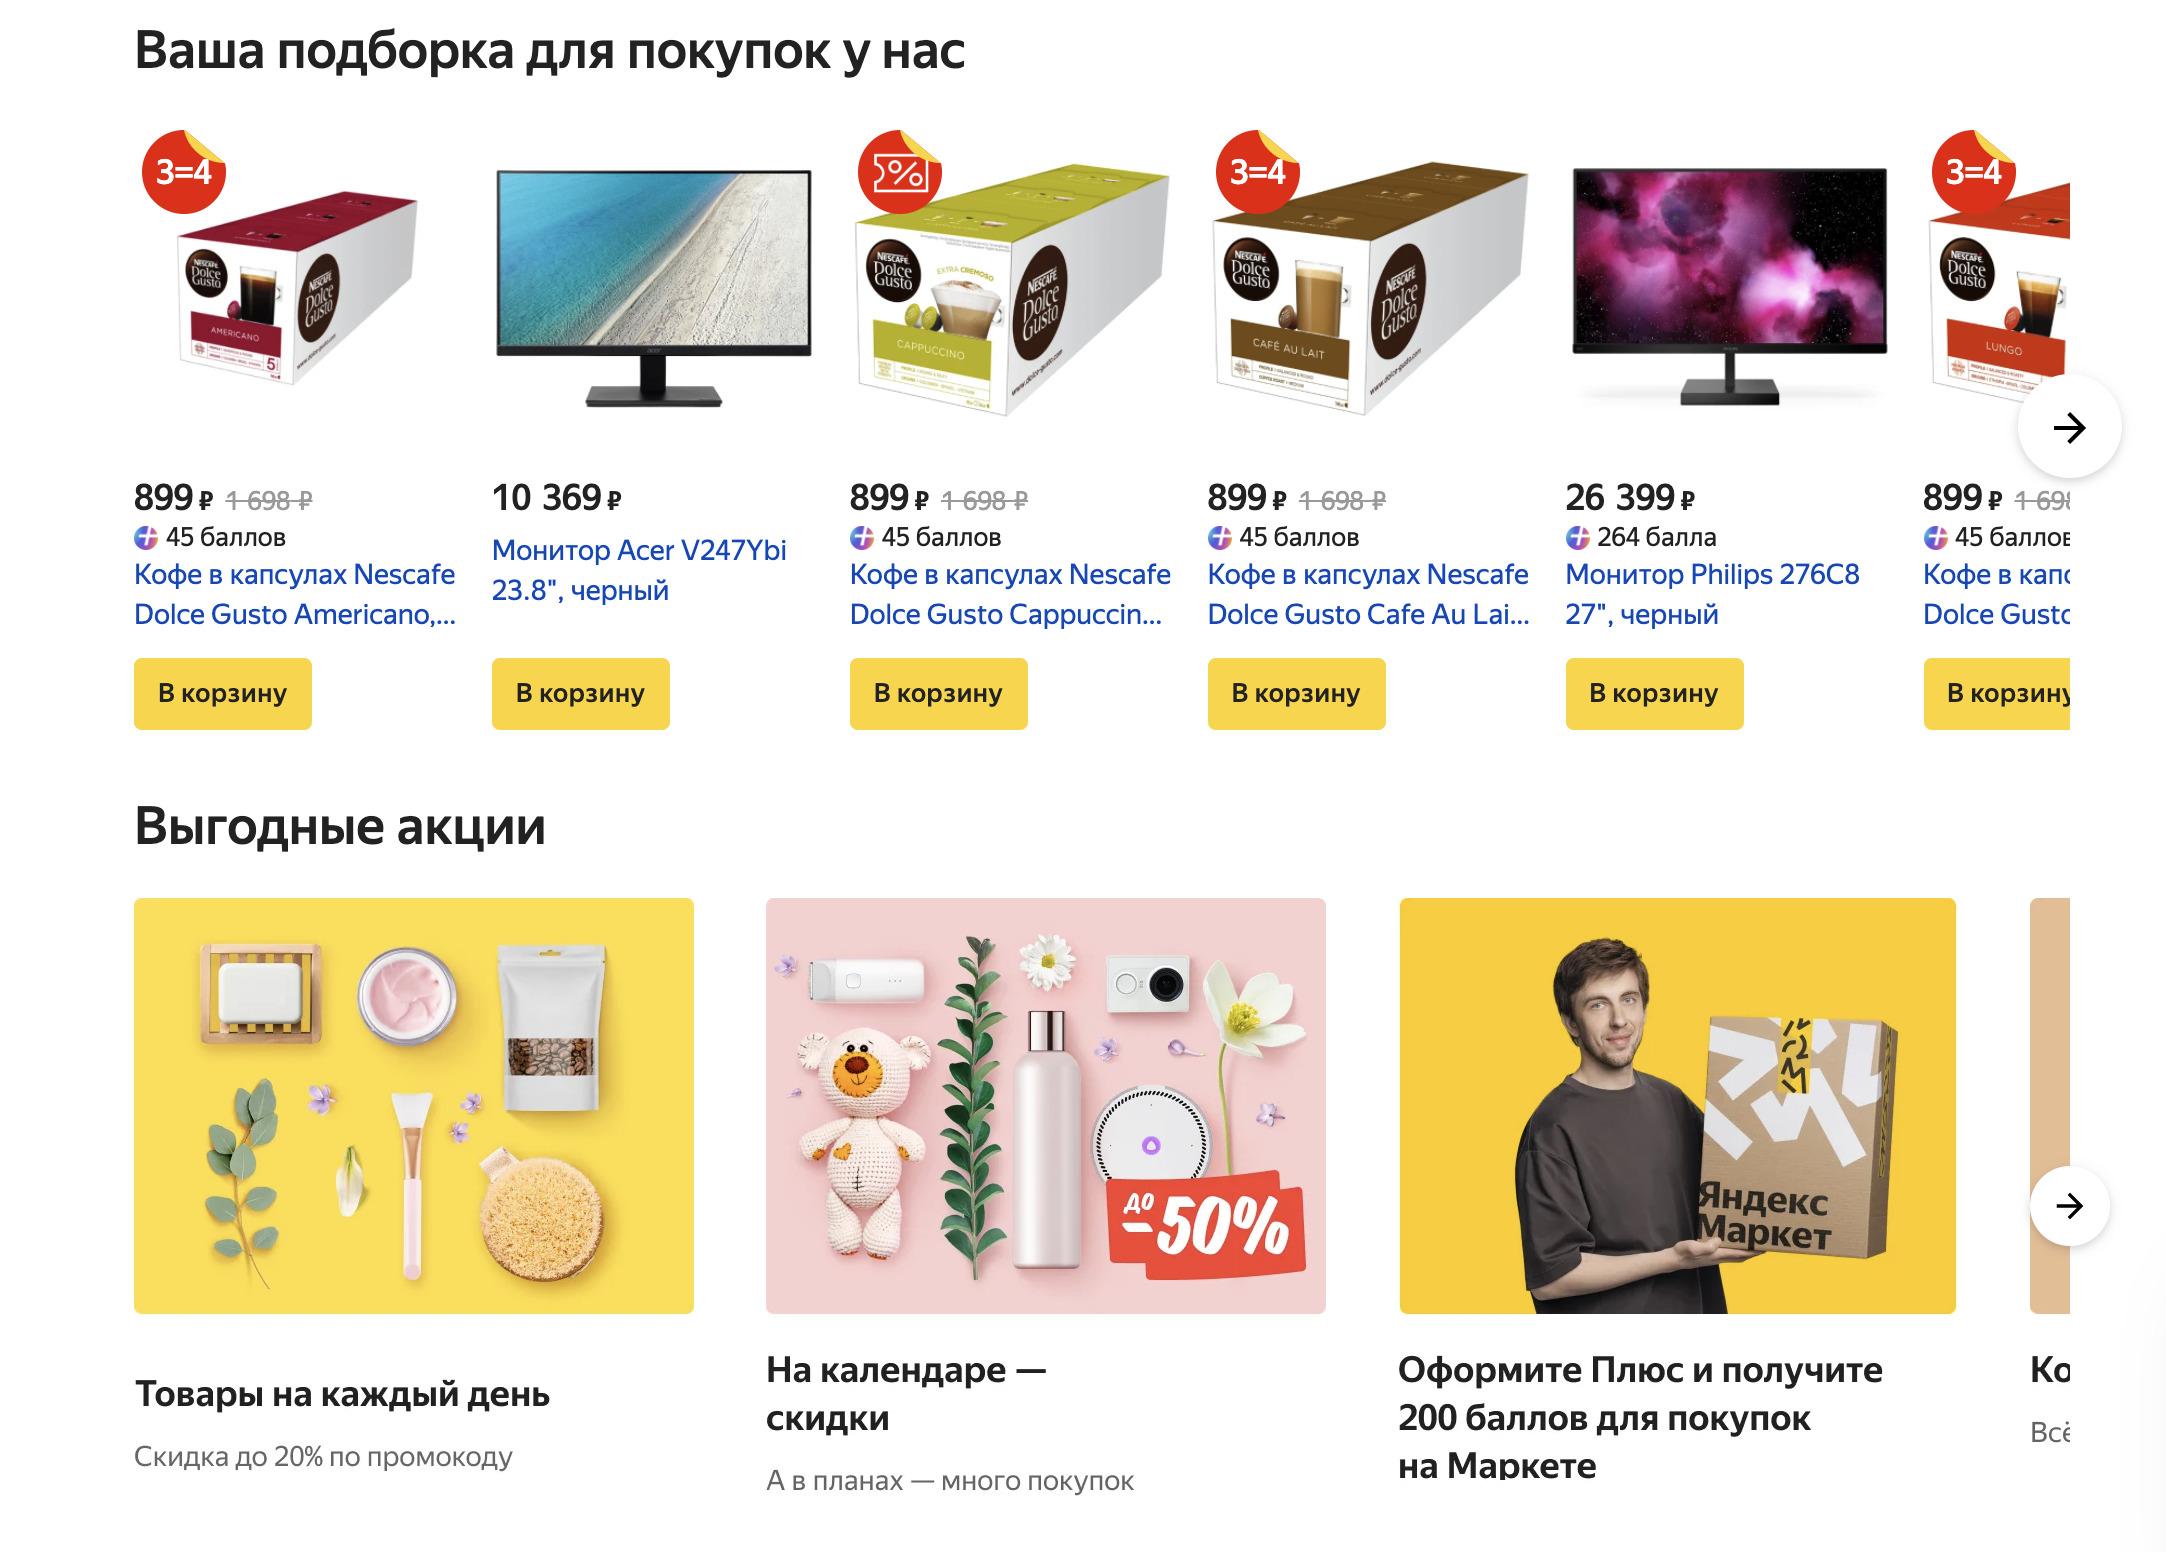 Доставка из Яндекс.Маркет в Воркута, сроки, пункты выдачи, каталог